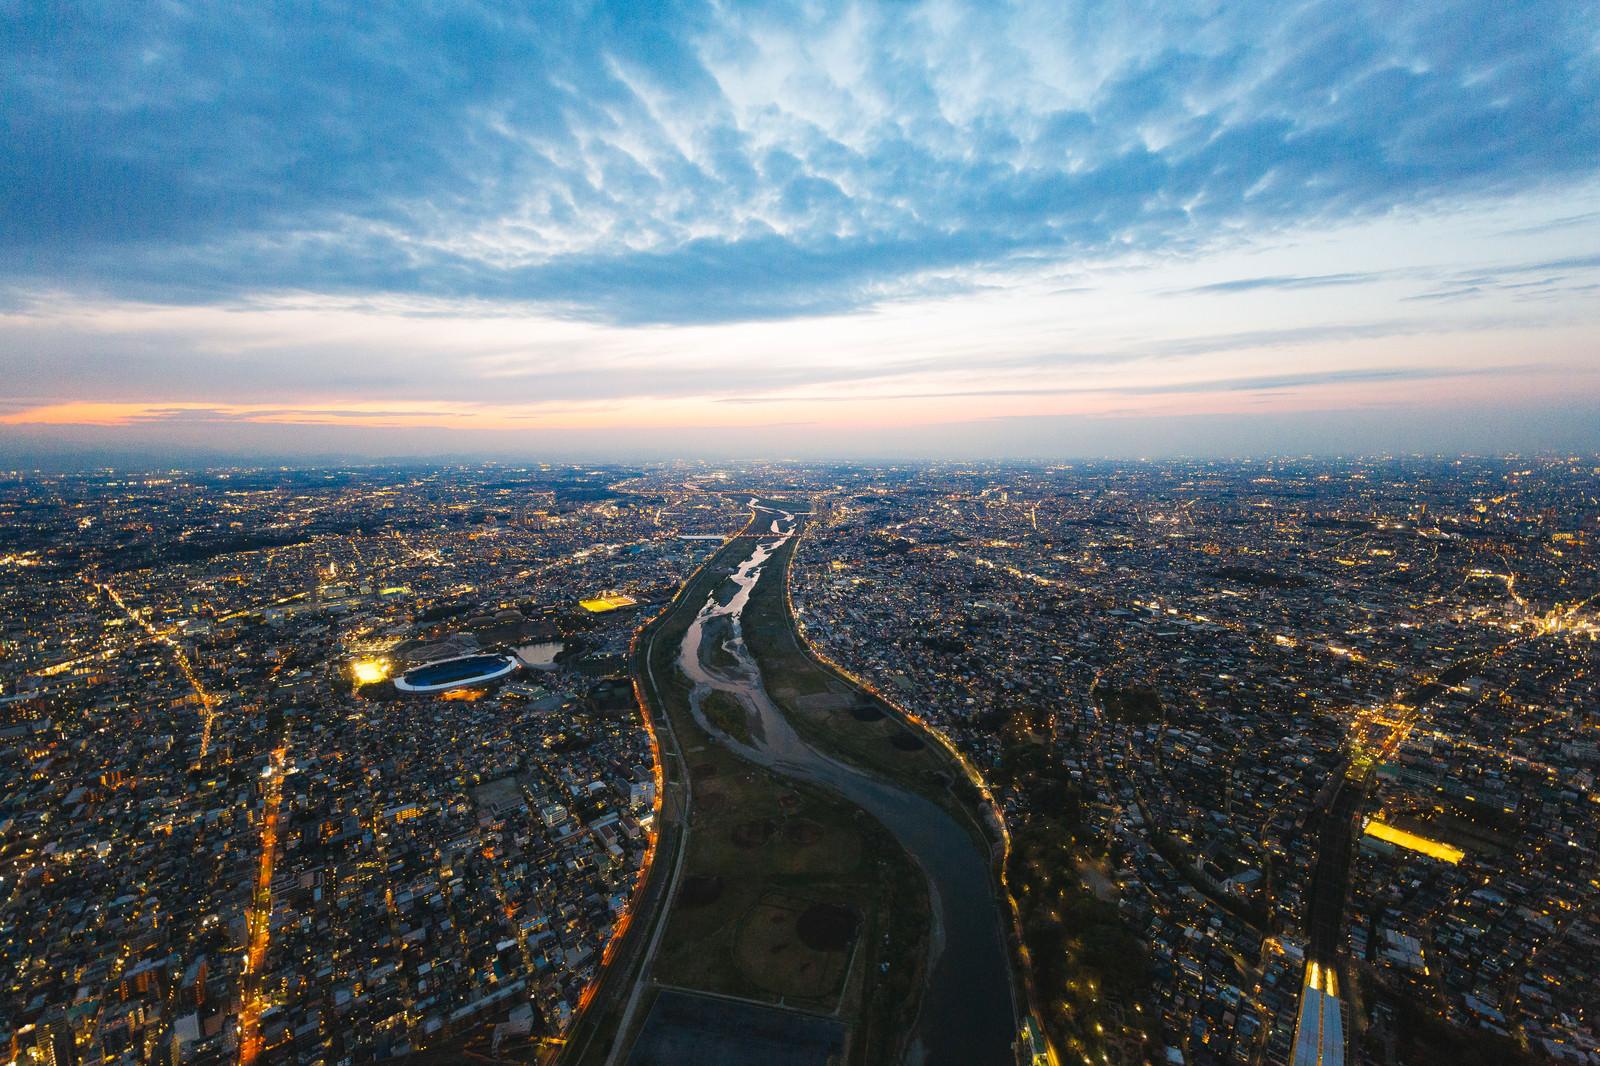 【TOP3】Tente adivinhar quais províncias do Japão mais têm pessoas ricas! Entretenimento